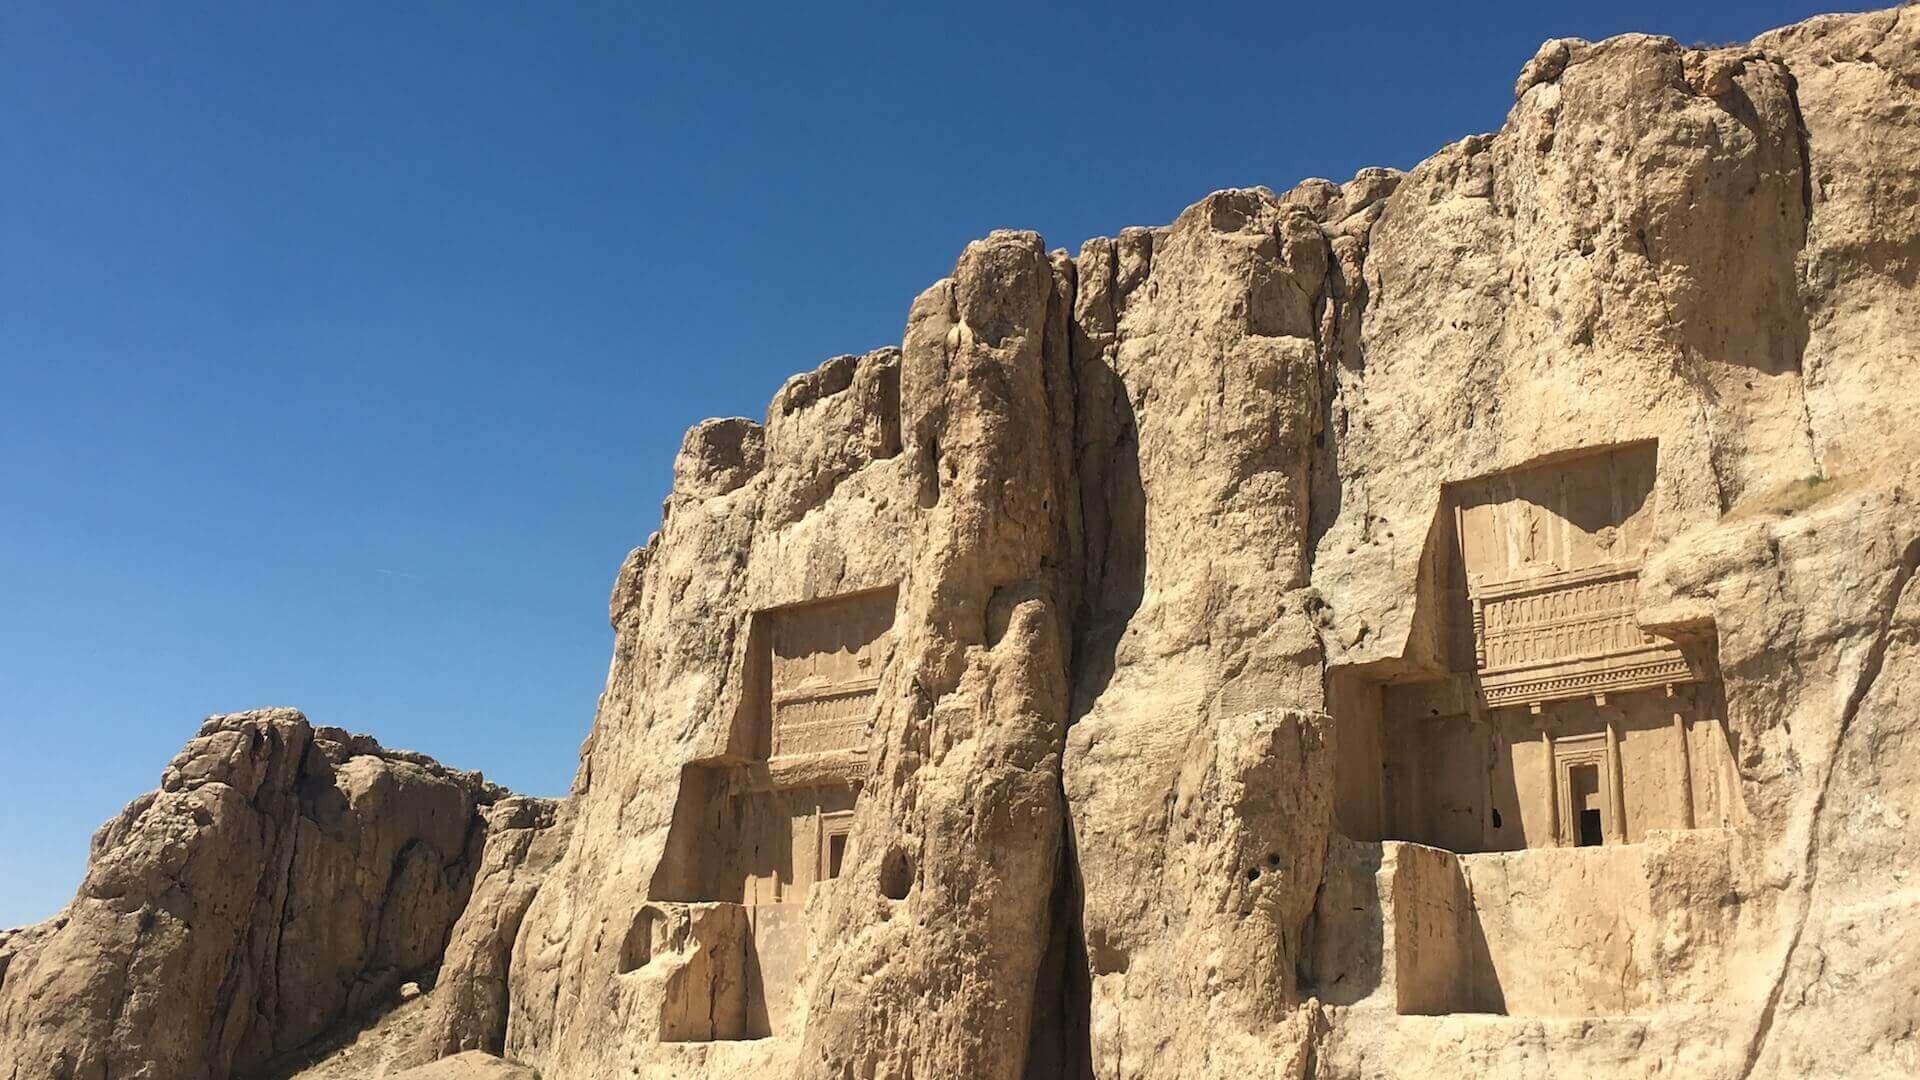 Twee tombes van Naqsh-e-Rostam, het Necropolis, bij Persepolis in Iran